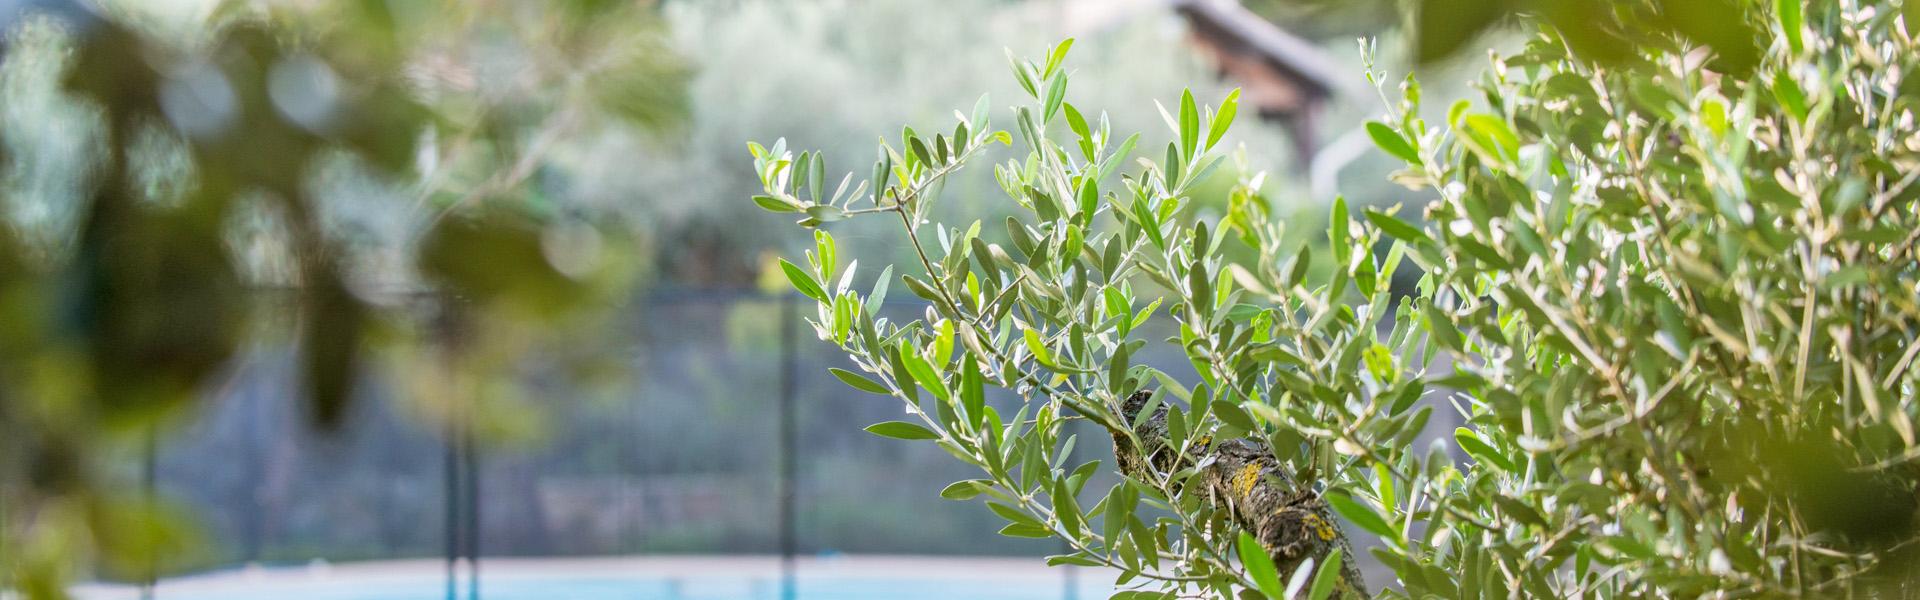 Plus d 39 informations propos de notre zone d 39 intervention for Jardinier paysagiste herault